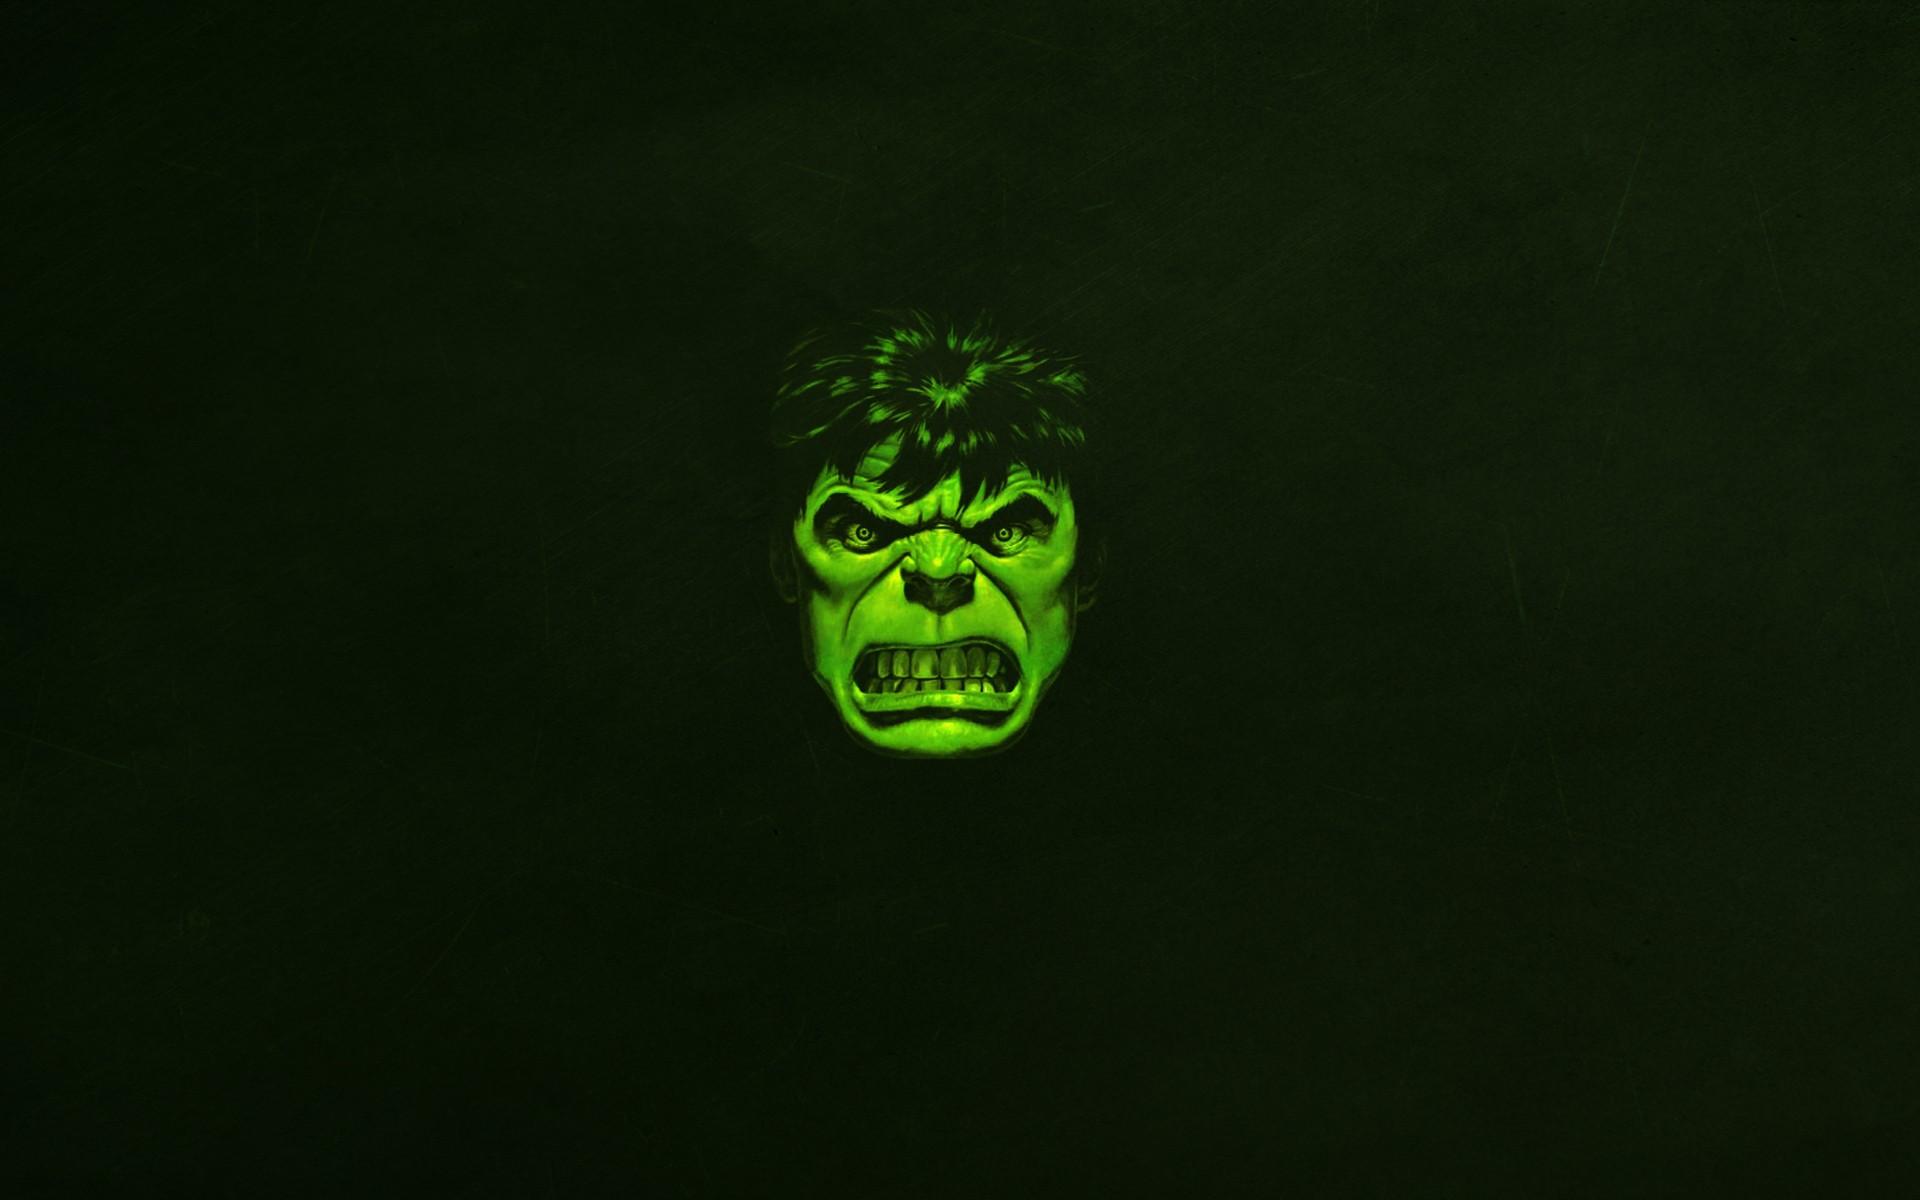 Hulk 1920x1200